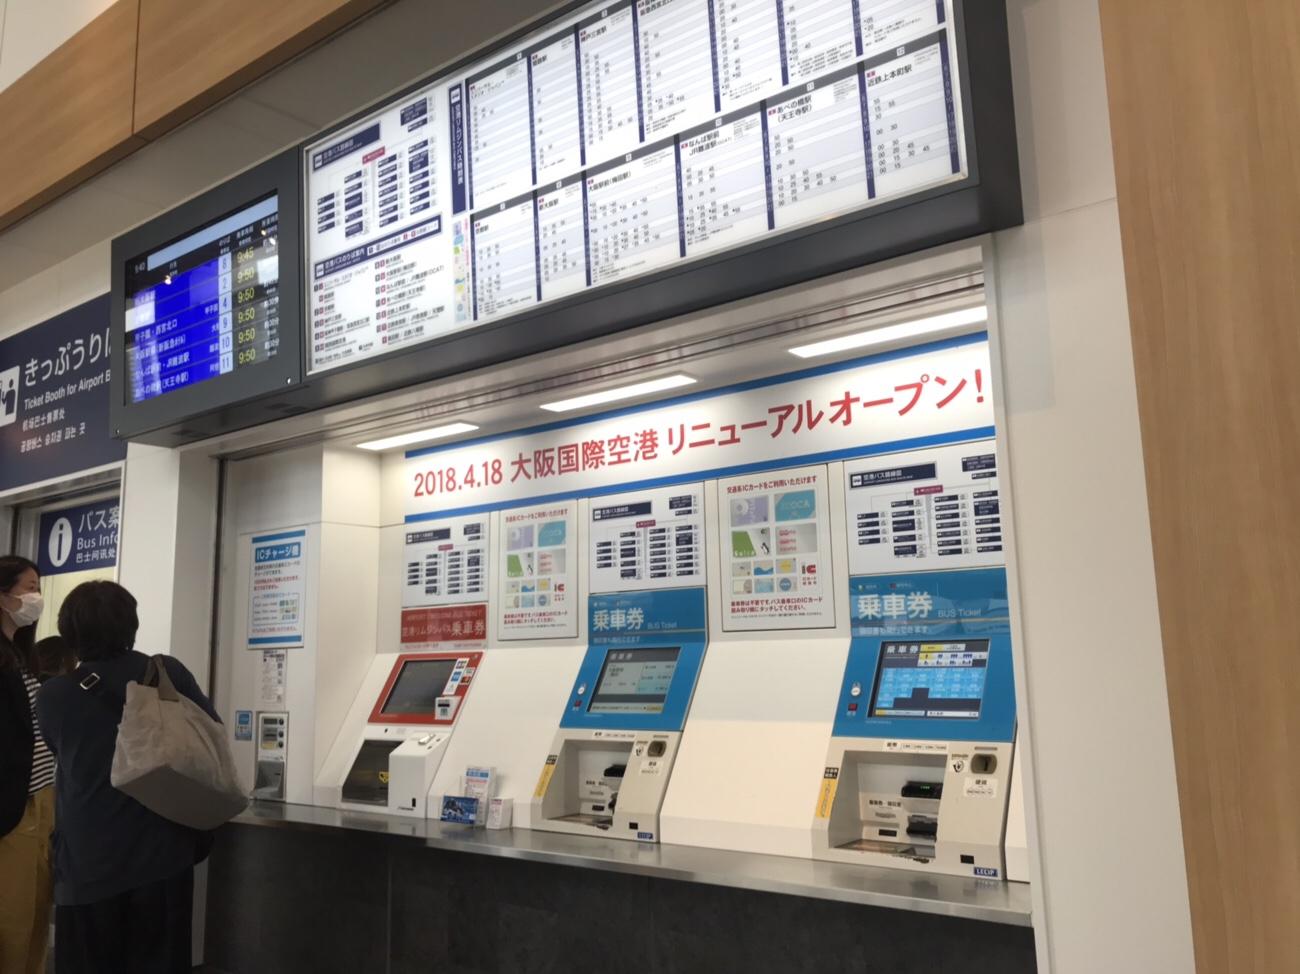 伊丹空港大阪駅行きリムジンバス乗り場